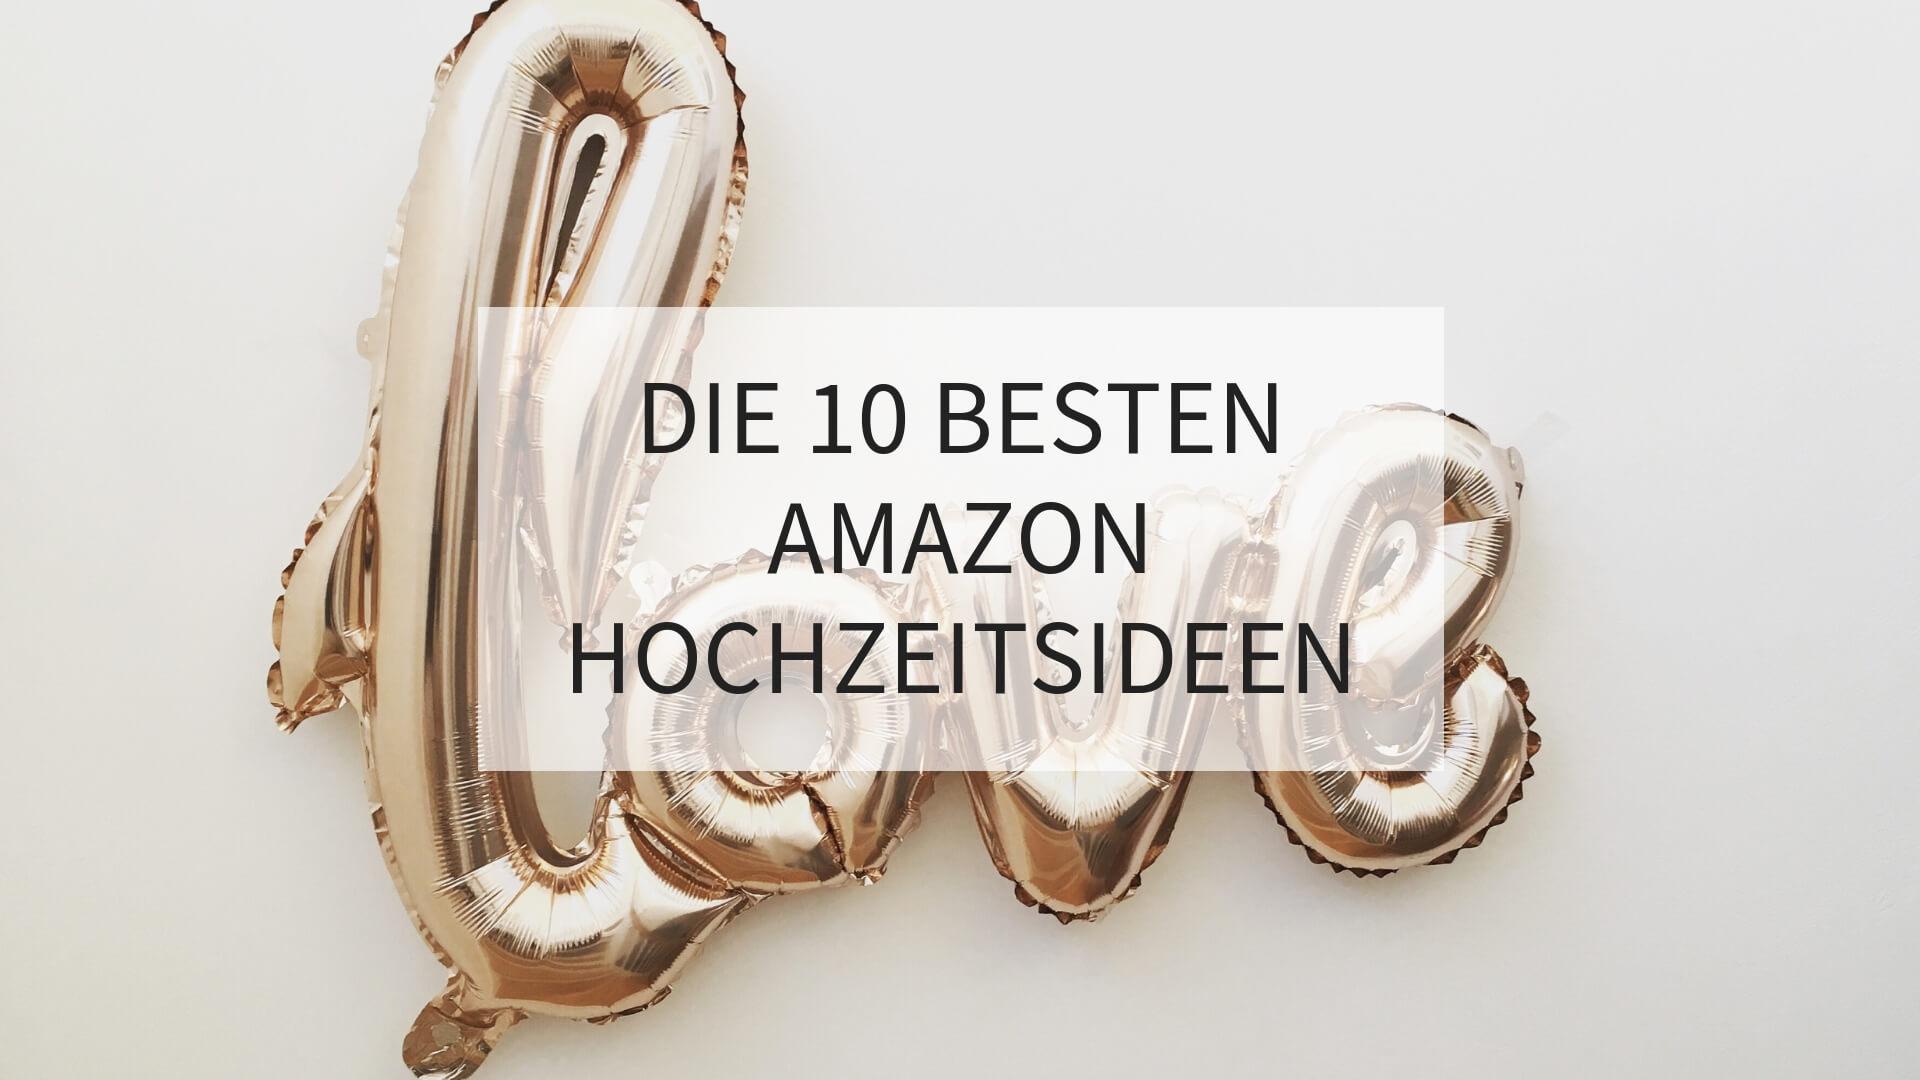 Amazon Hochzeitsideen, Hochzeitsdeko kaufen